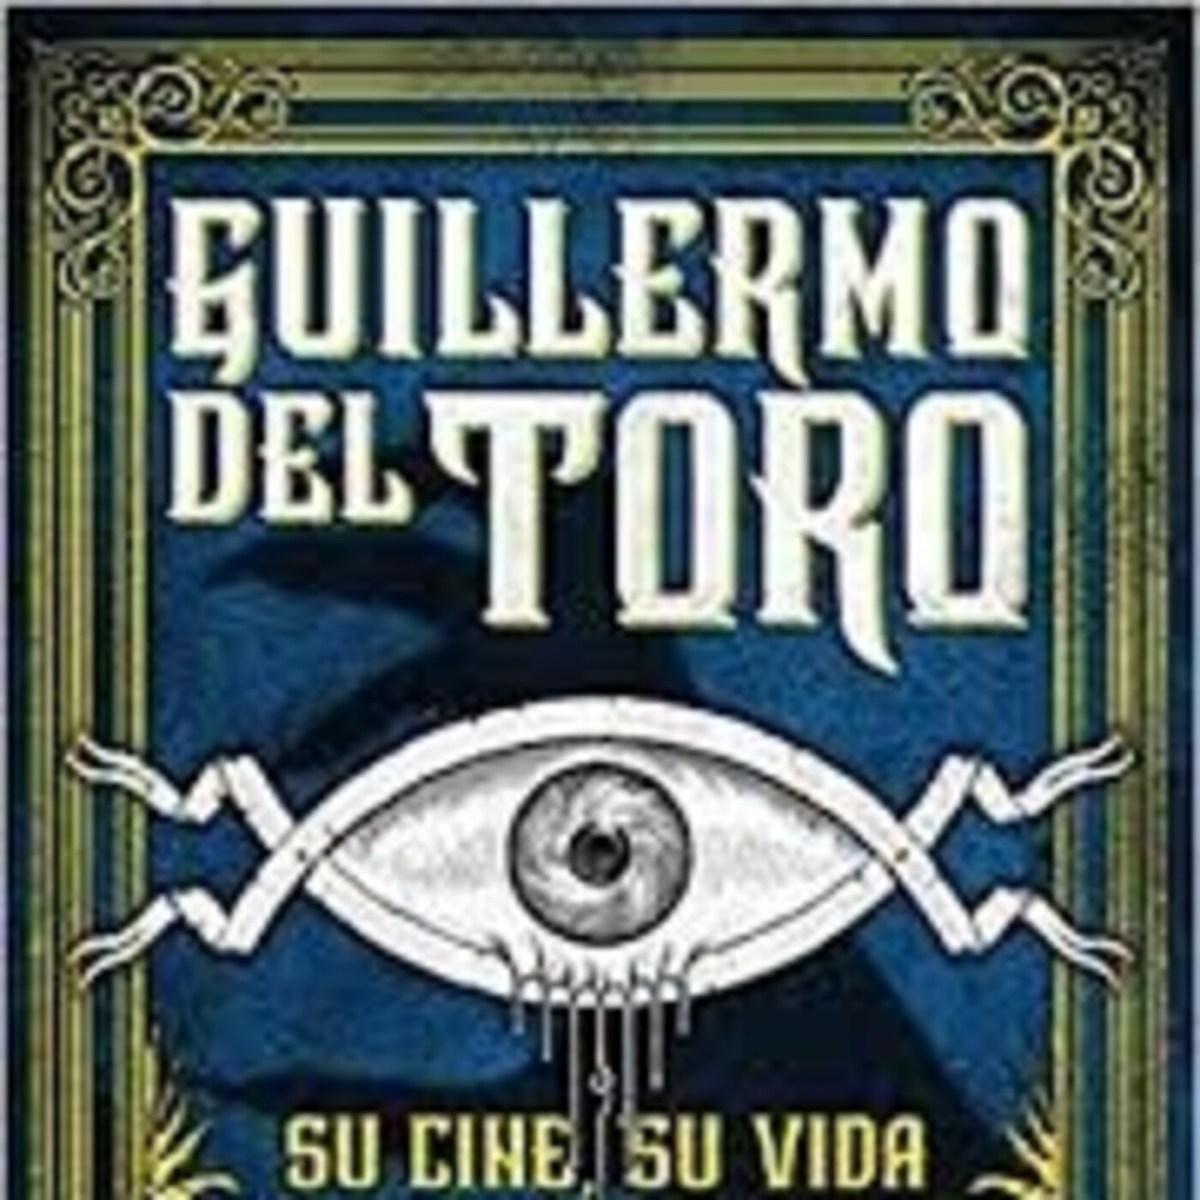 El libro de Tobias: 9.3 Guillermo del Toro